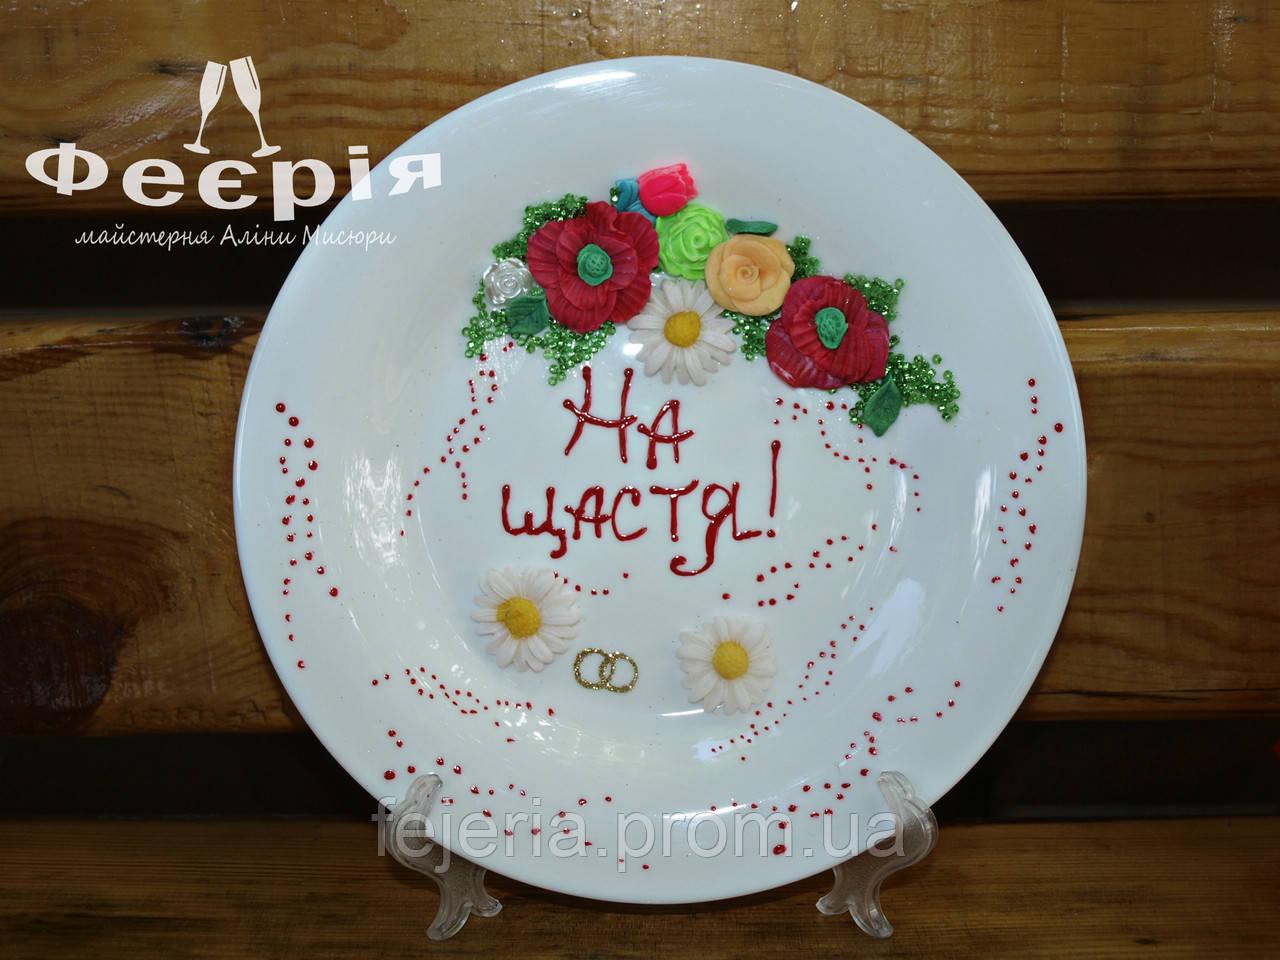 Тарелка На счастье маки в народном стиле